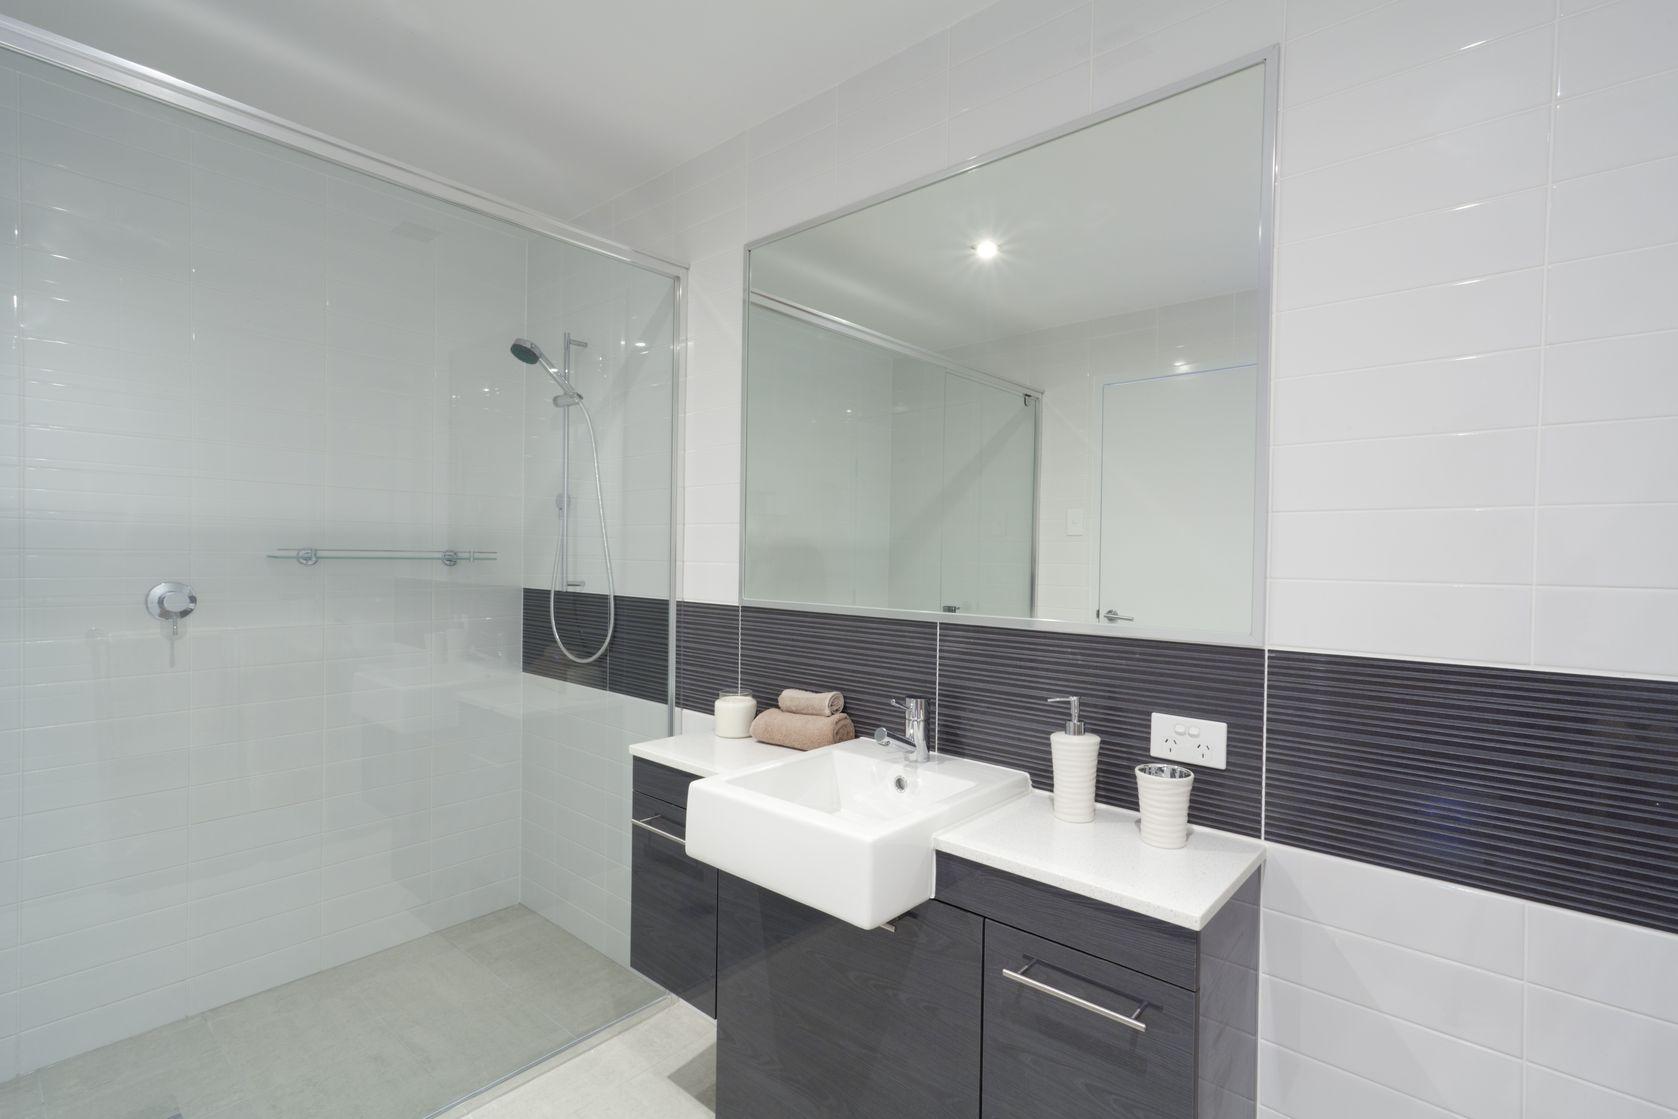 baño1_izal